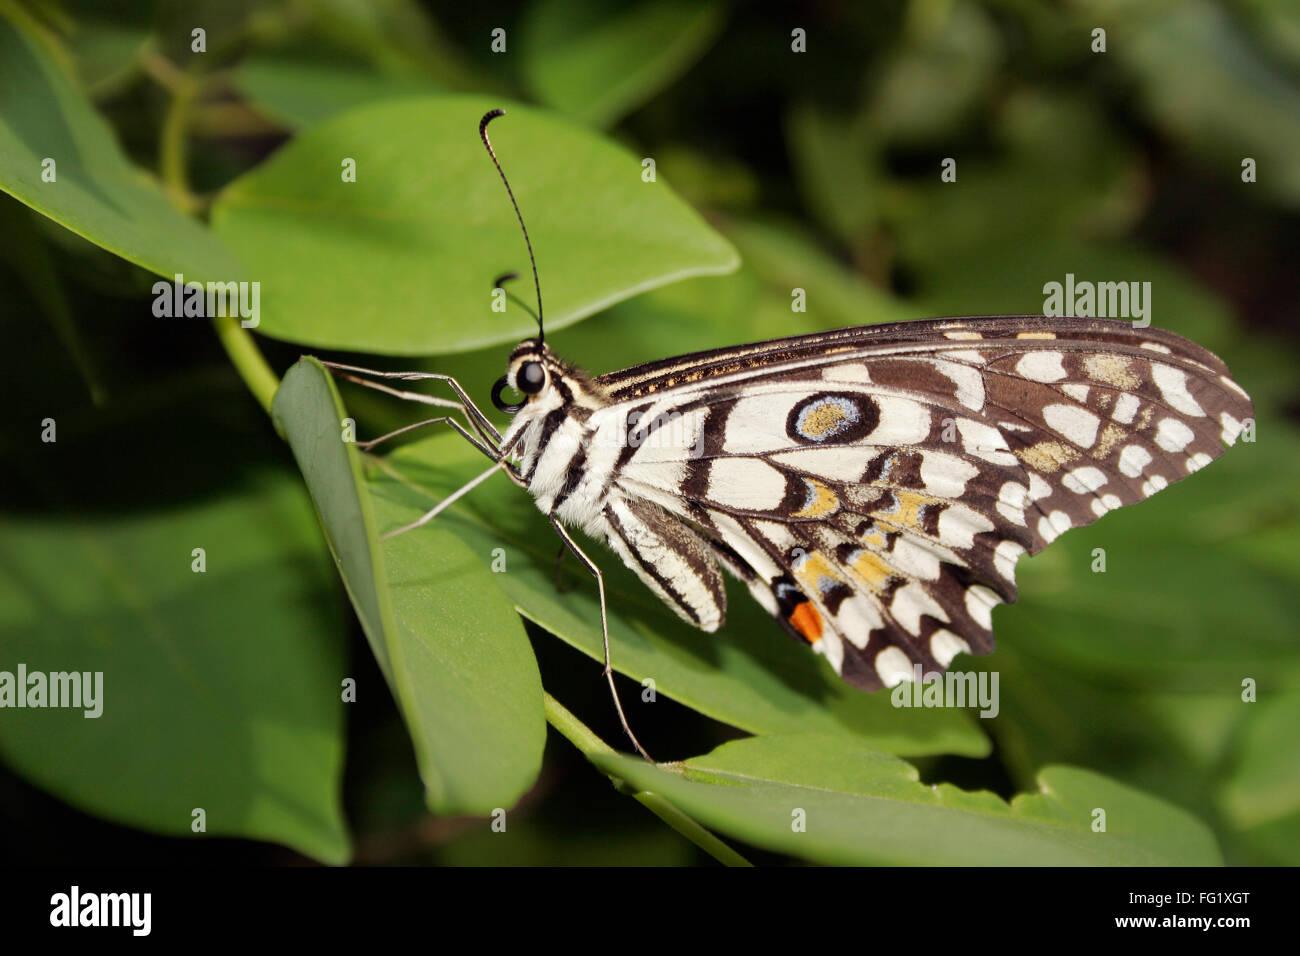 Insecto , Cal butterfly Butterfly ii princeps fruhstorferij demoleus libanius ii Foto de stock